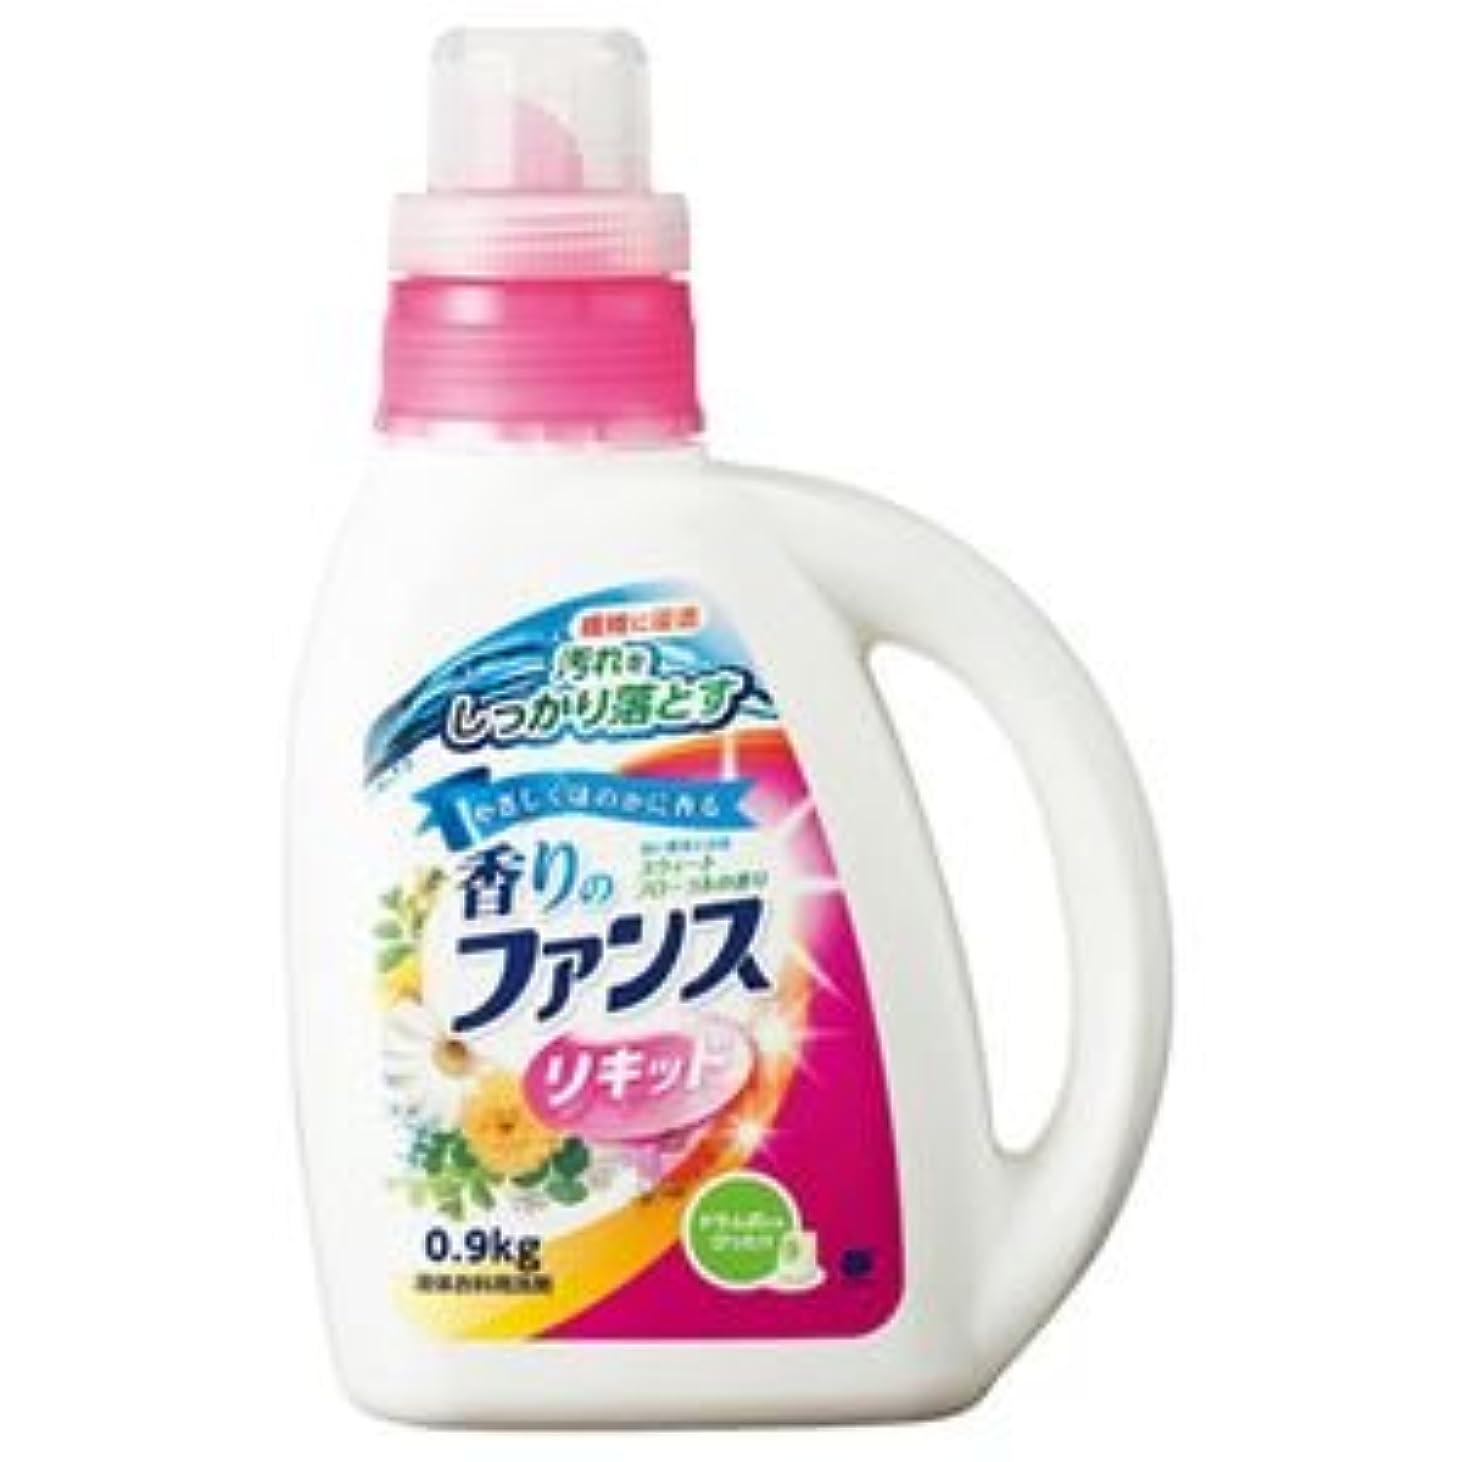 先史時代の好み想定(まとめ) 第一石鹸 香りのファンス 液体衣料用洗剤リキッド 本体 0.9kg 1本 【×10セット】